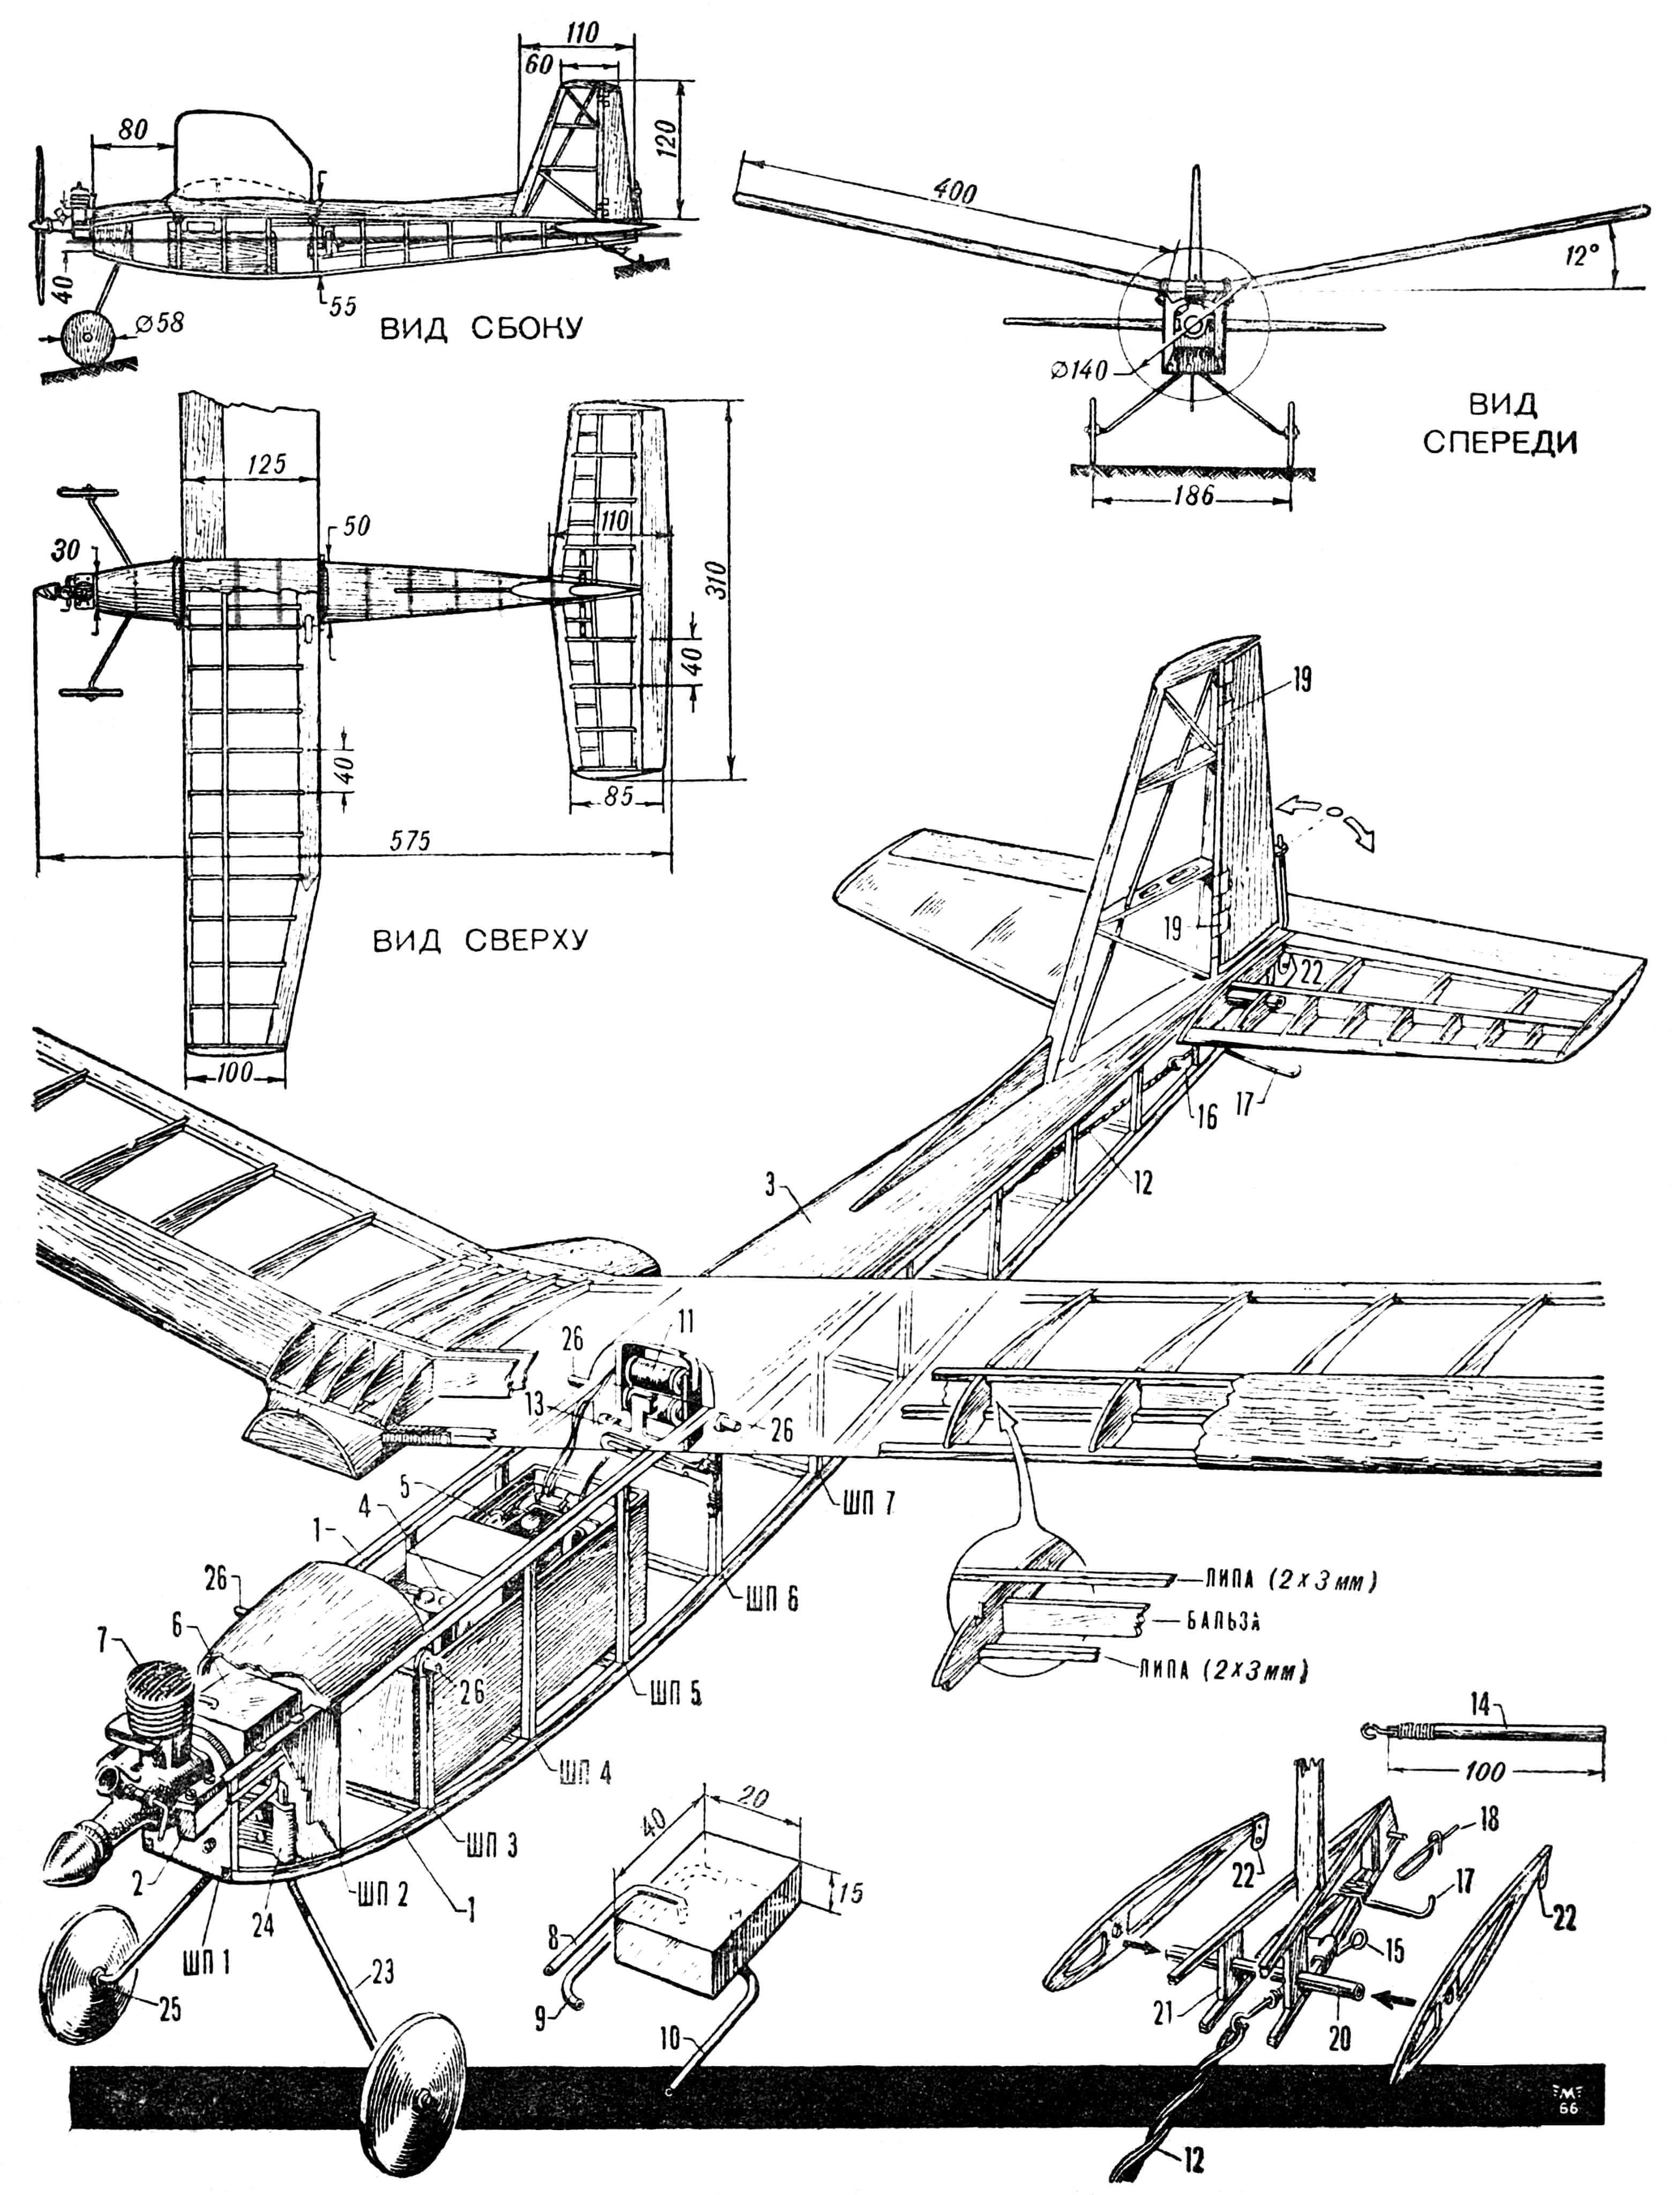 Pис. 1. Радиоуправляемая модель самолета.